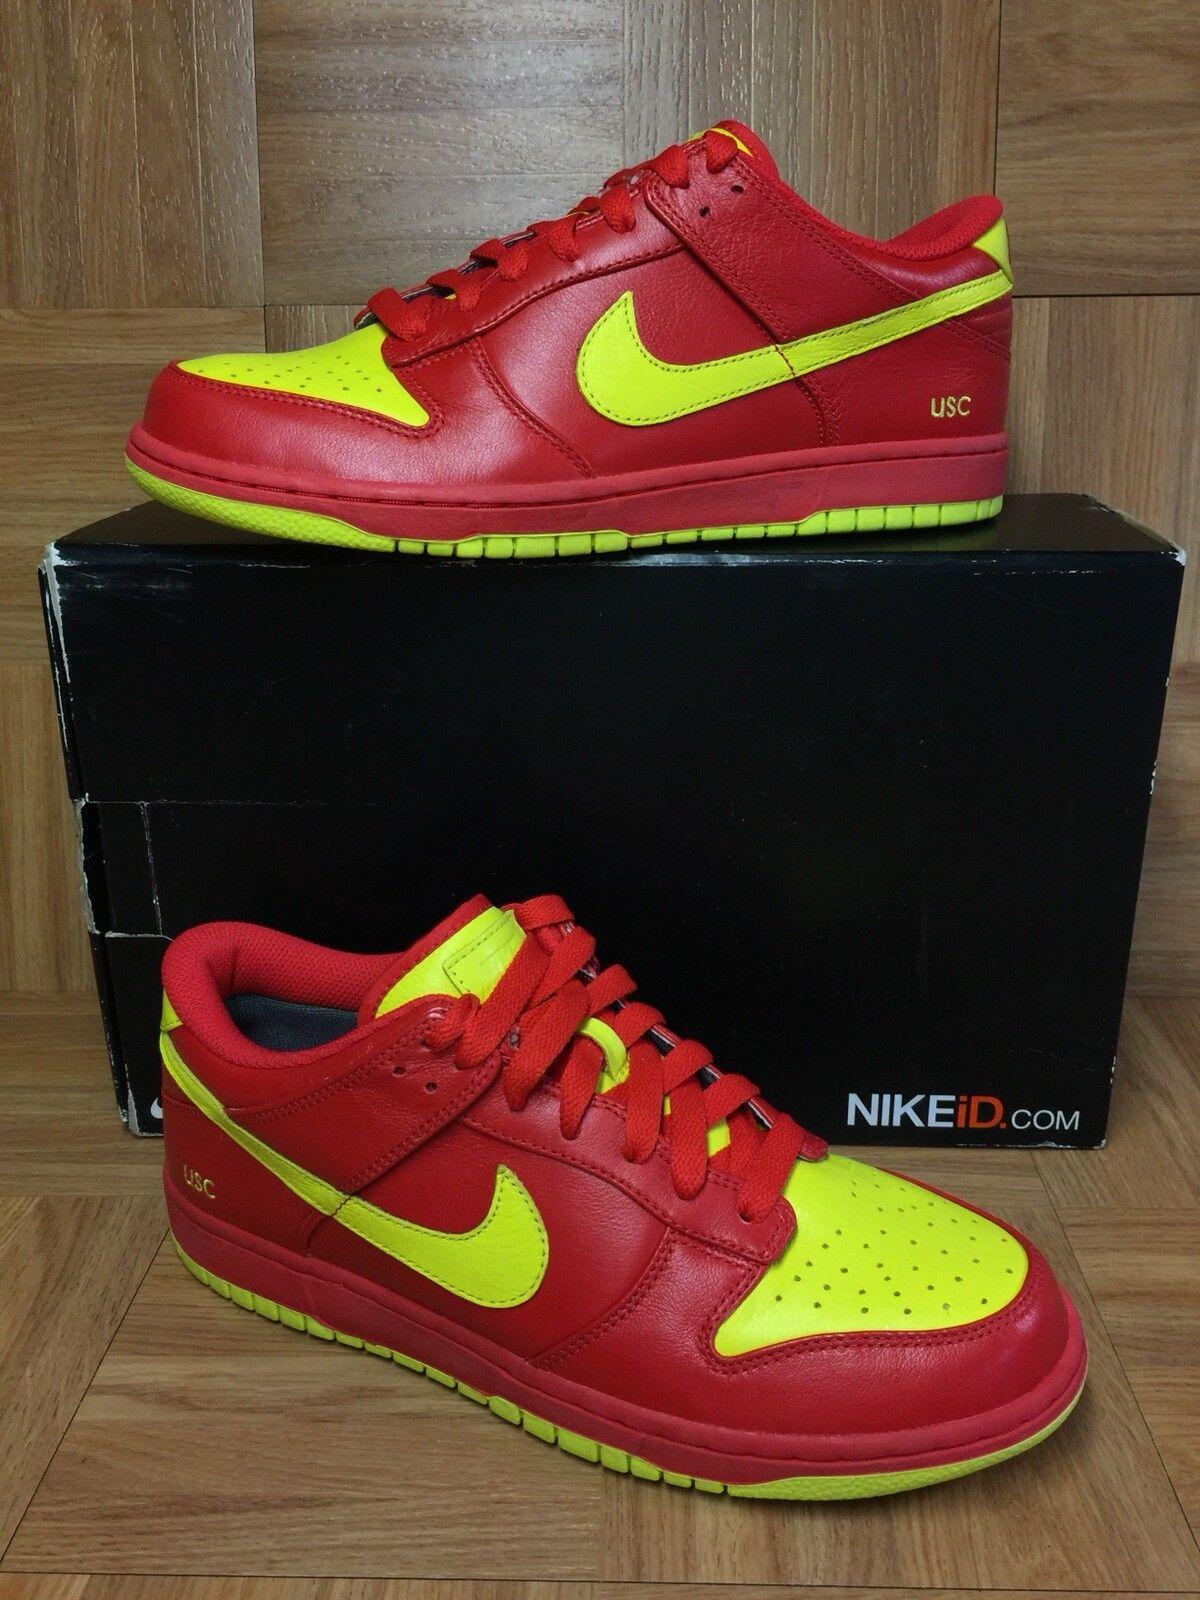 de rares nike dunk dunk dunk faible usc ironFemme colorway sz 10 rouge jaune brillante chaussures pour hommes   Acheter    Discount    Acheter    Durable  8651e7